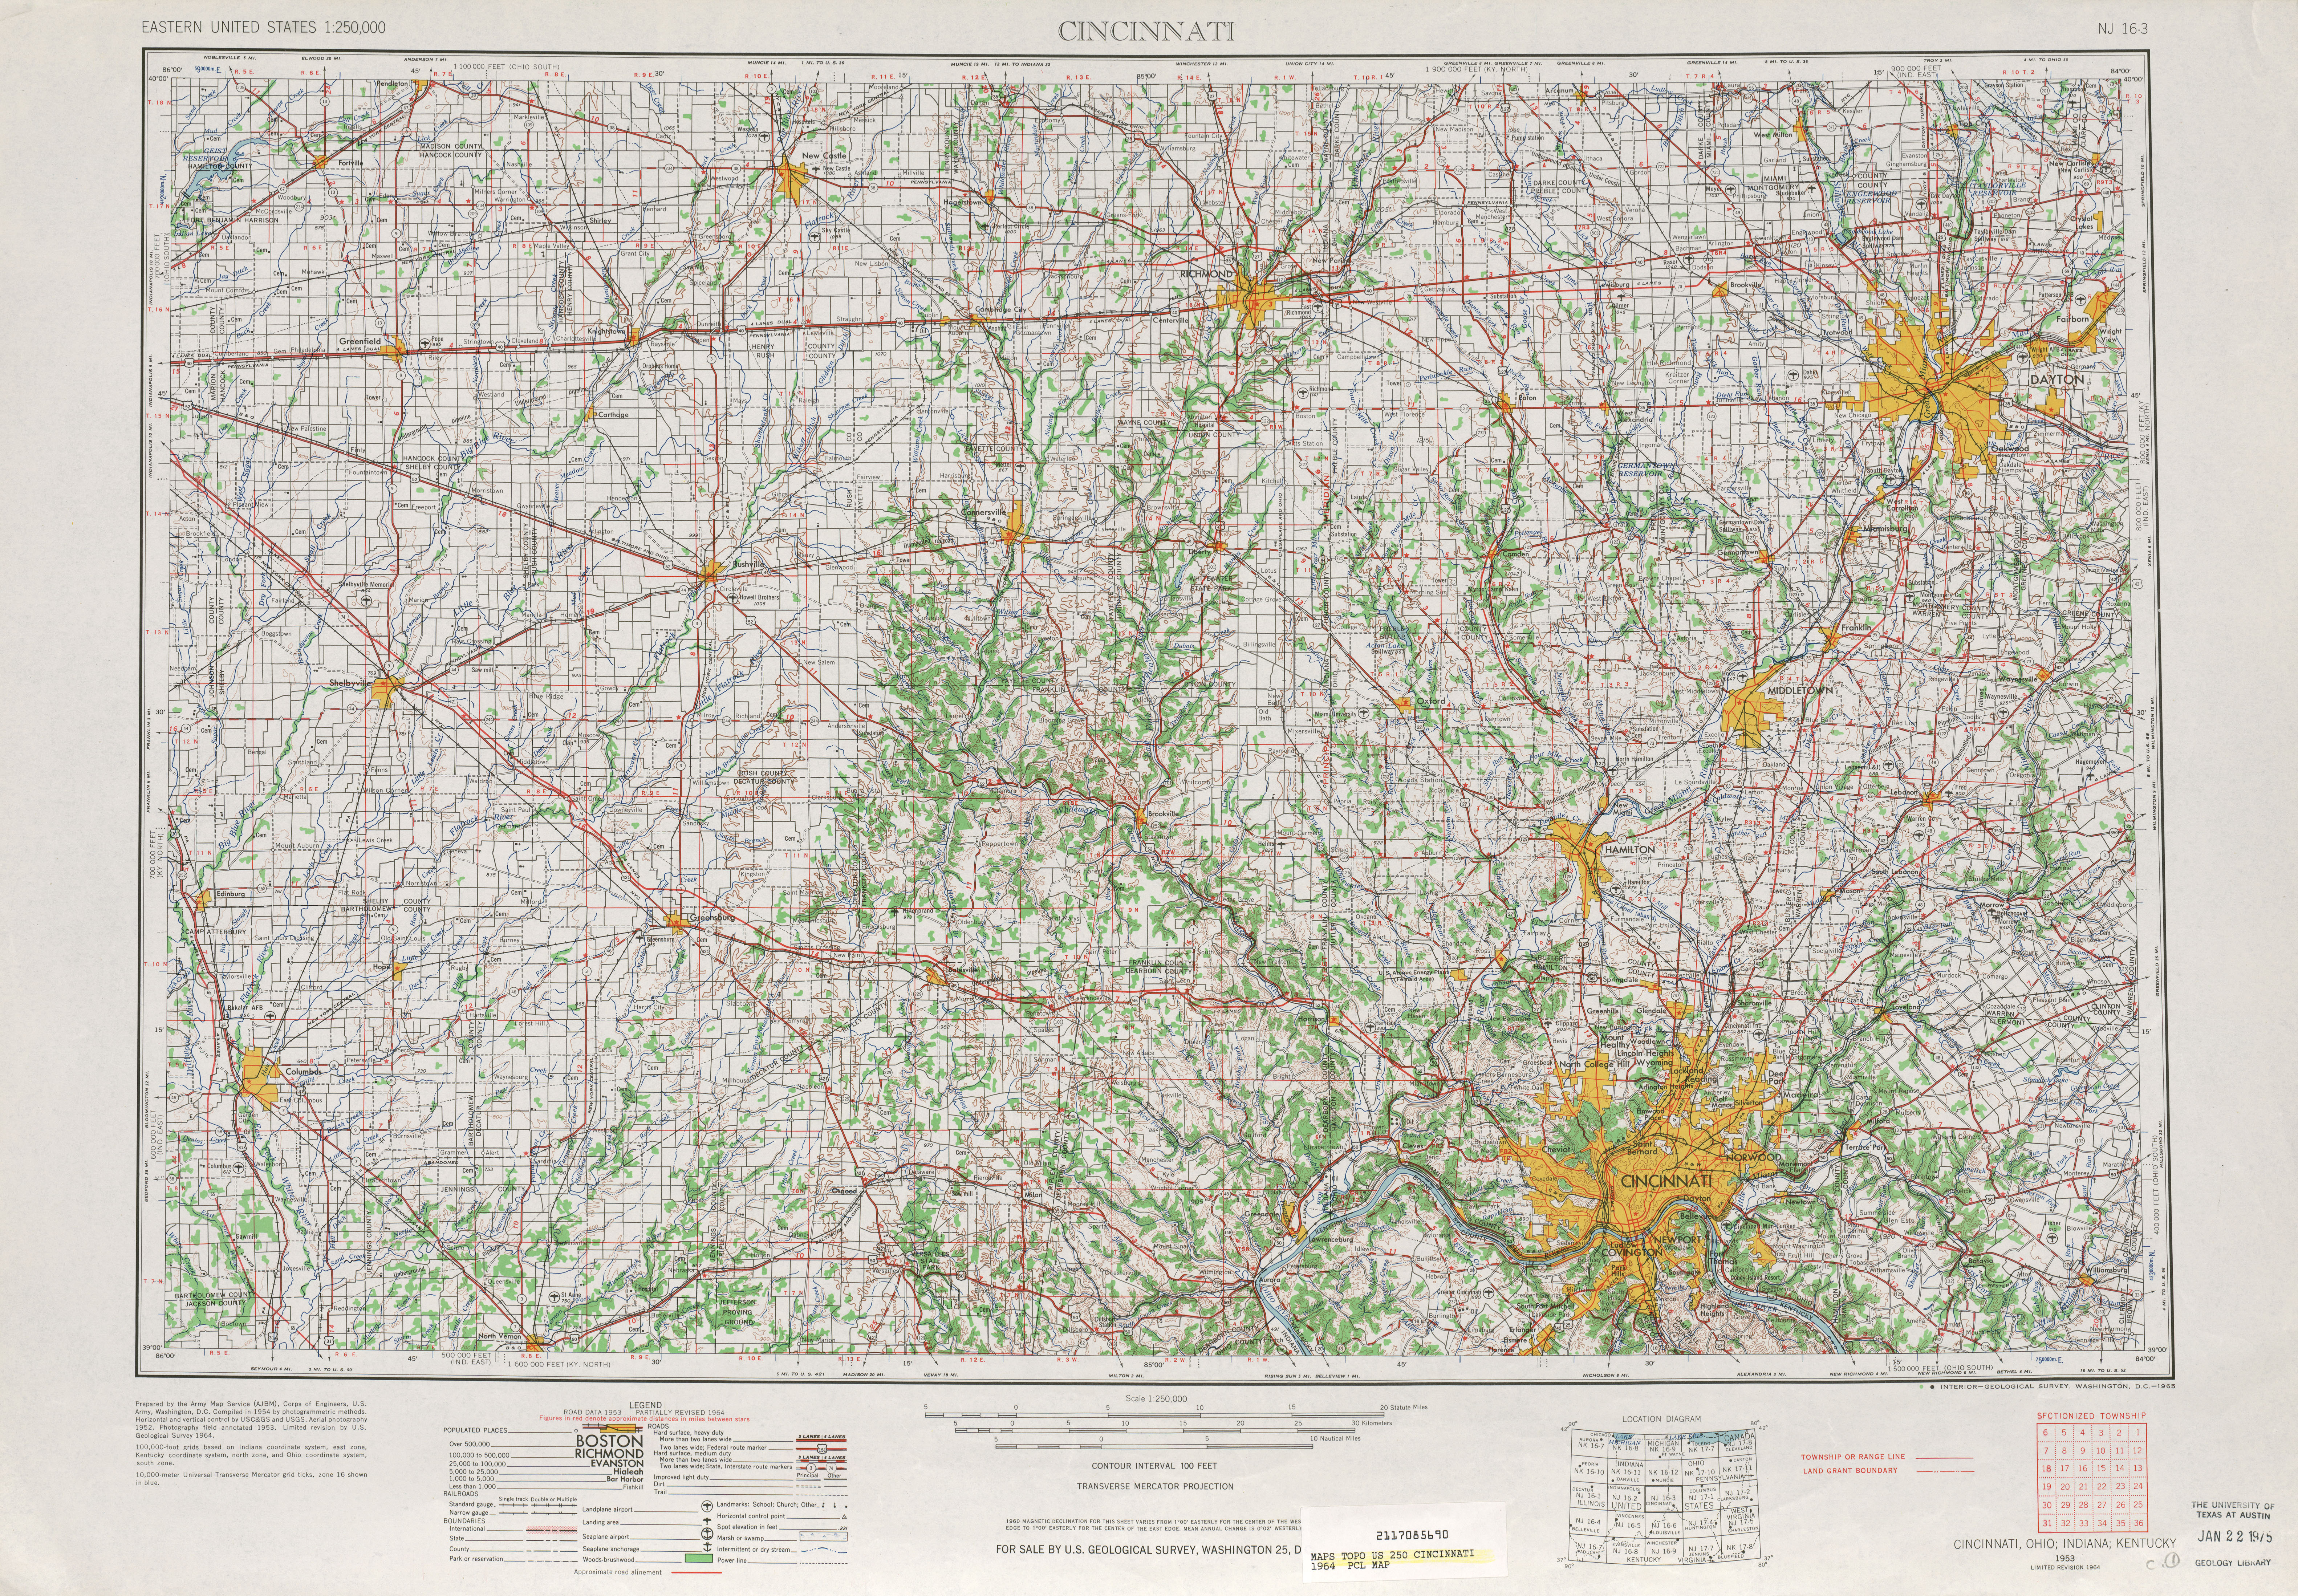 Hoja Cincinnati del Mapa Topográfico de los Estados Unidos 1964